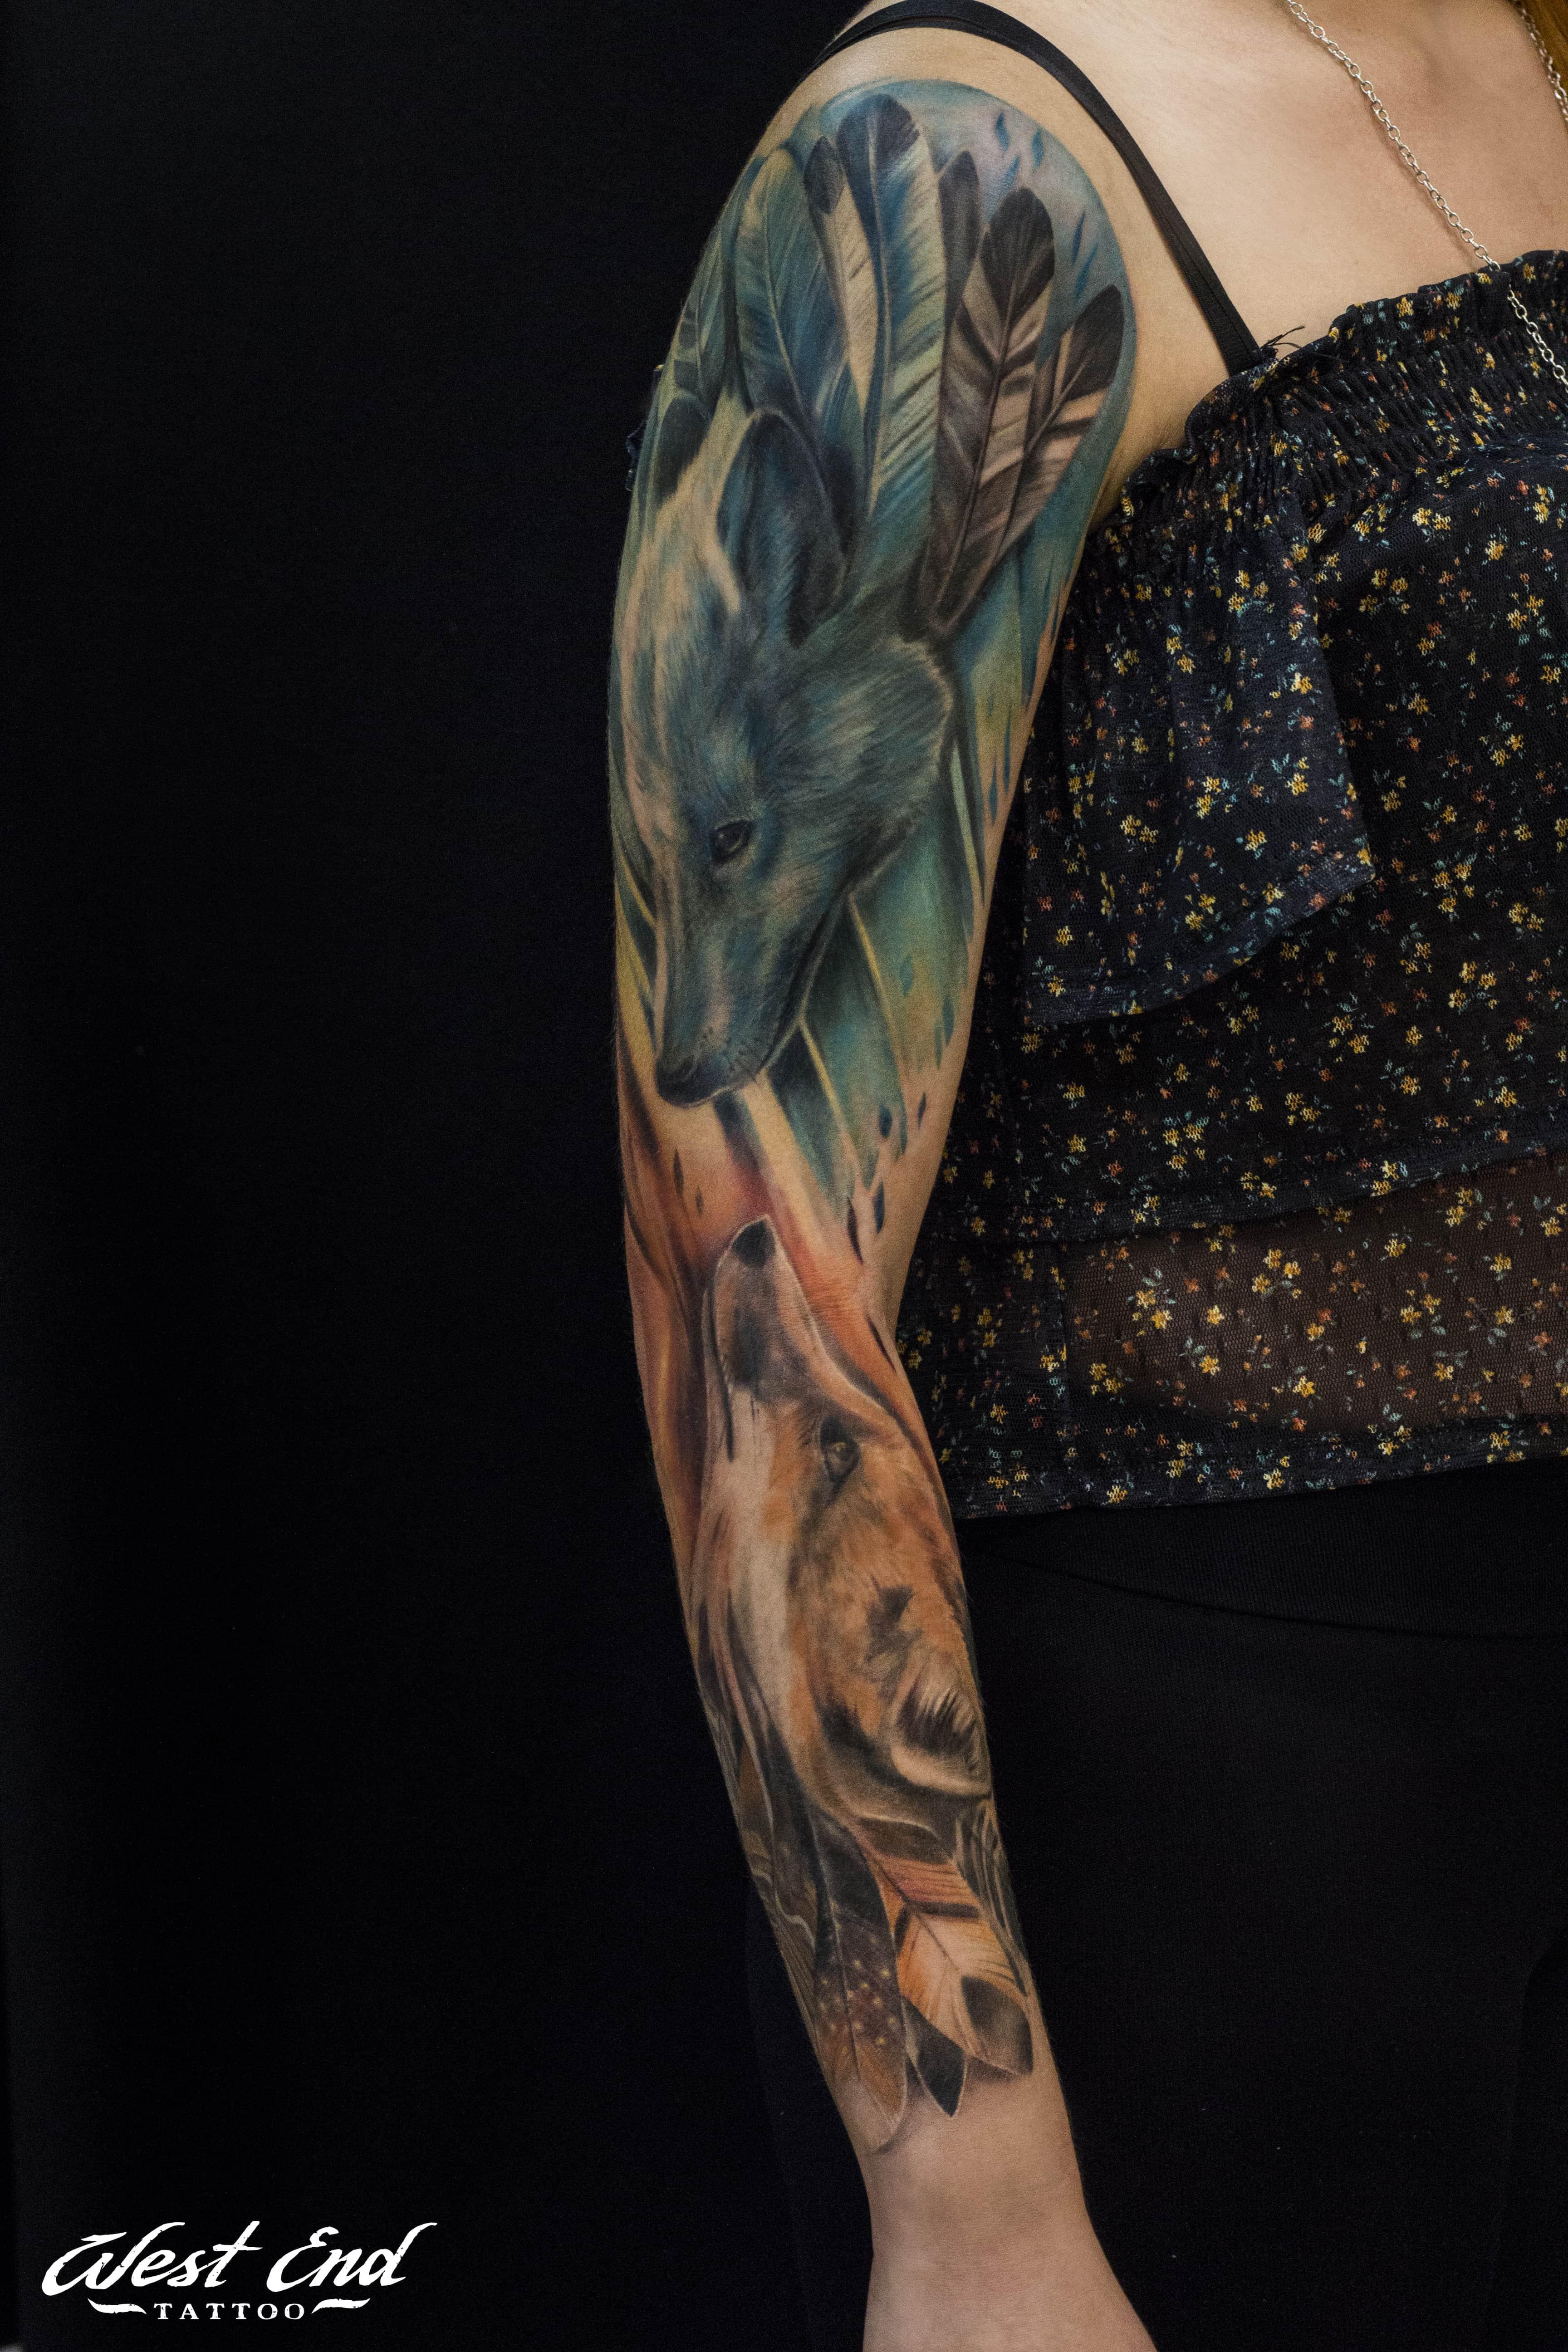 Цветные тату волк на руке